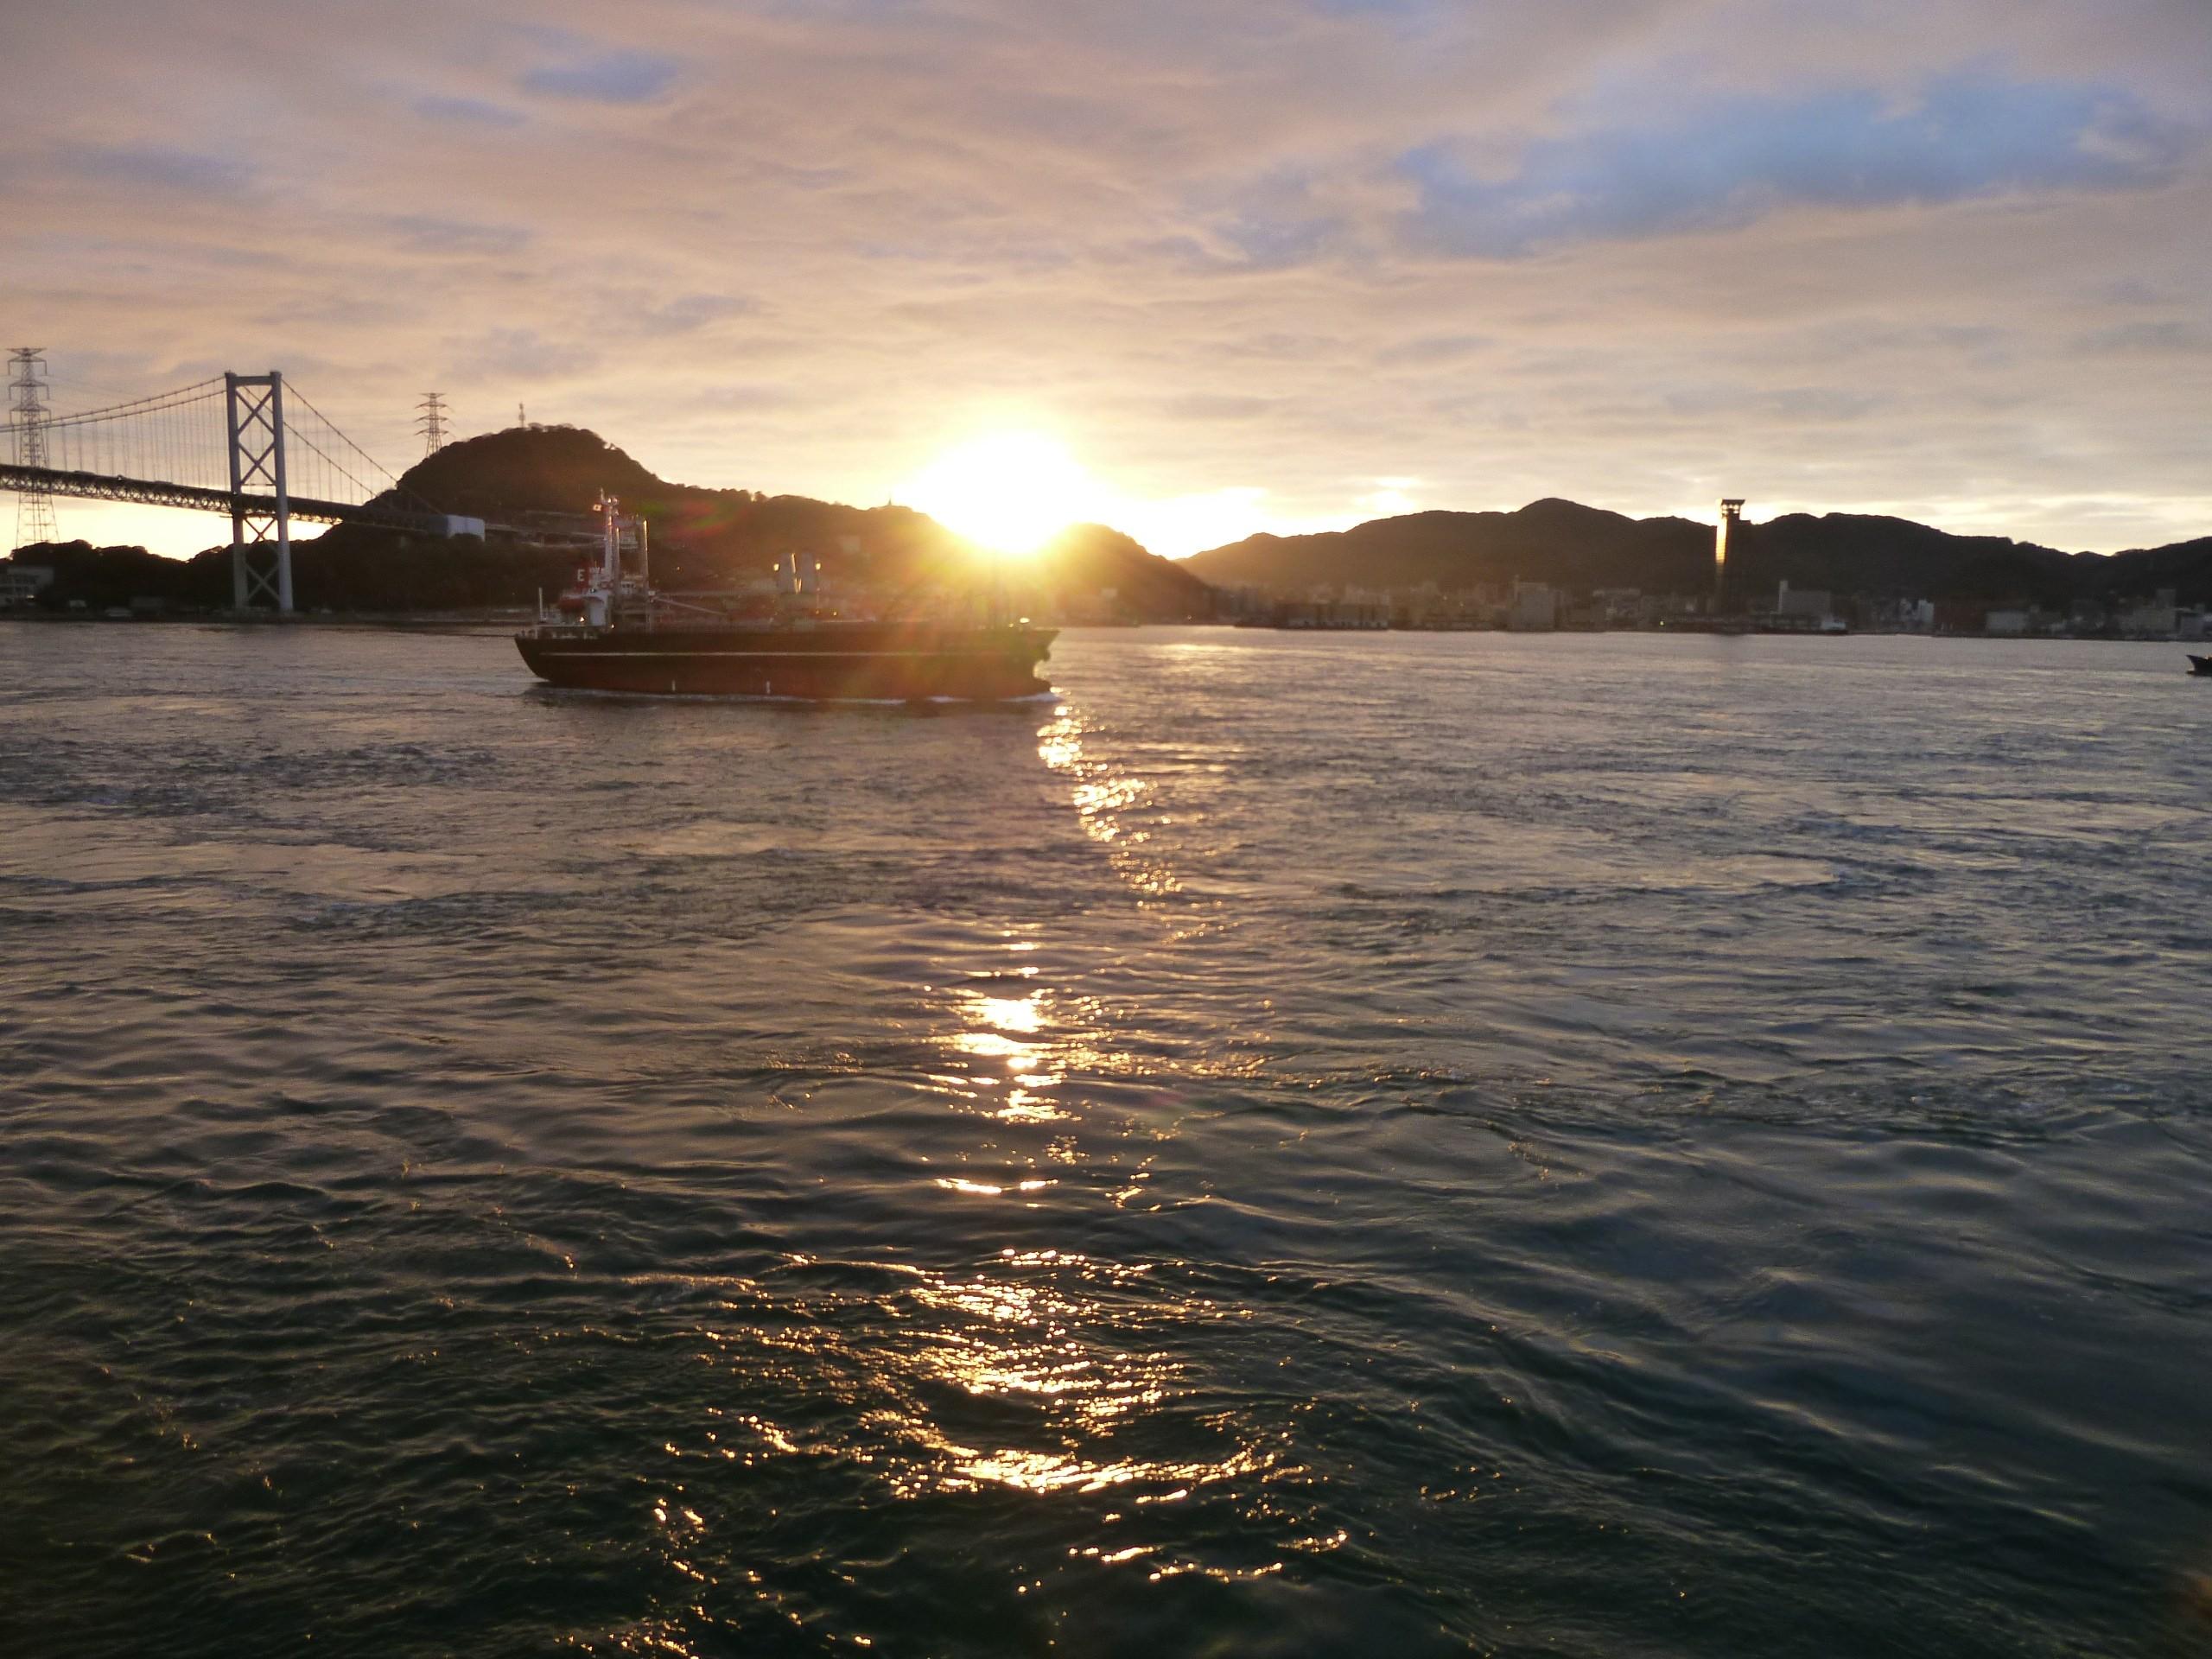 関門海峡・冬の夜明け